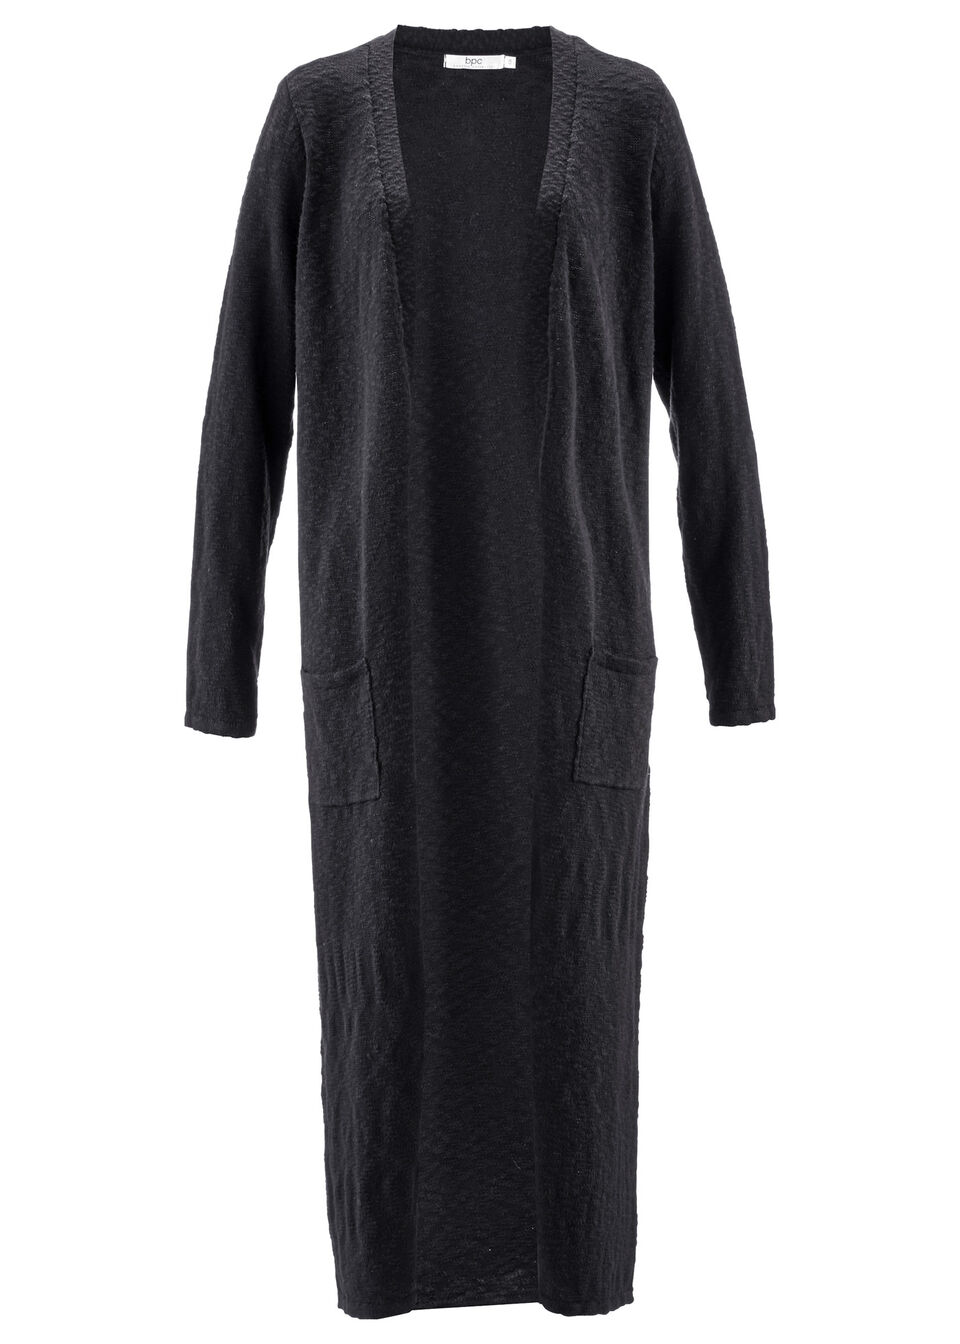 Długi płaszcz dzianinowy, długi rękaw bonprix czarny